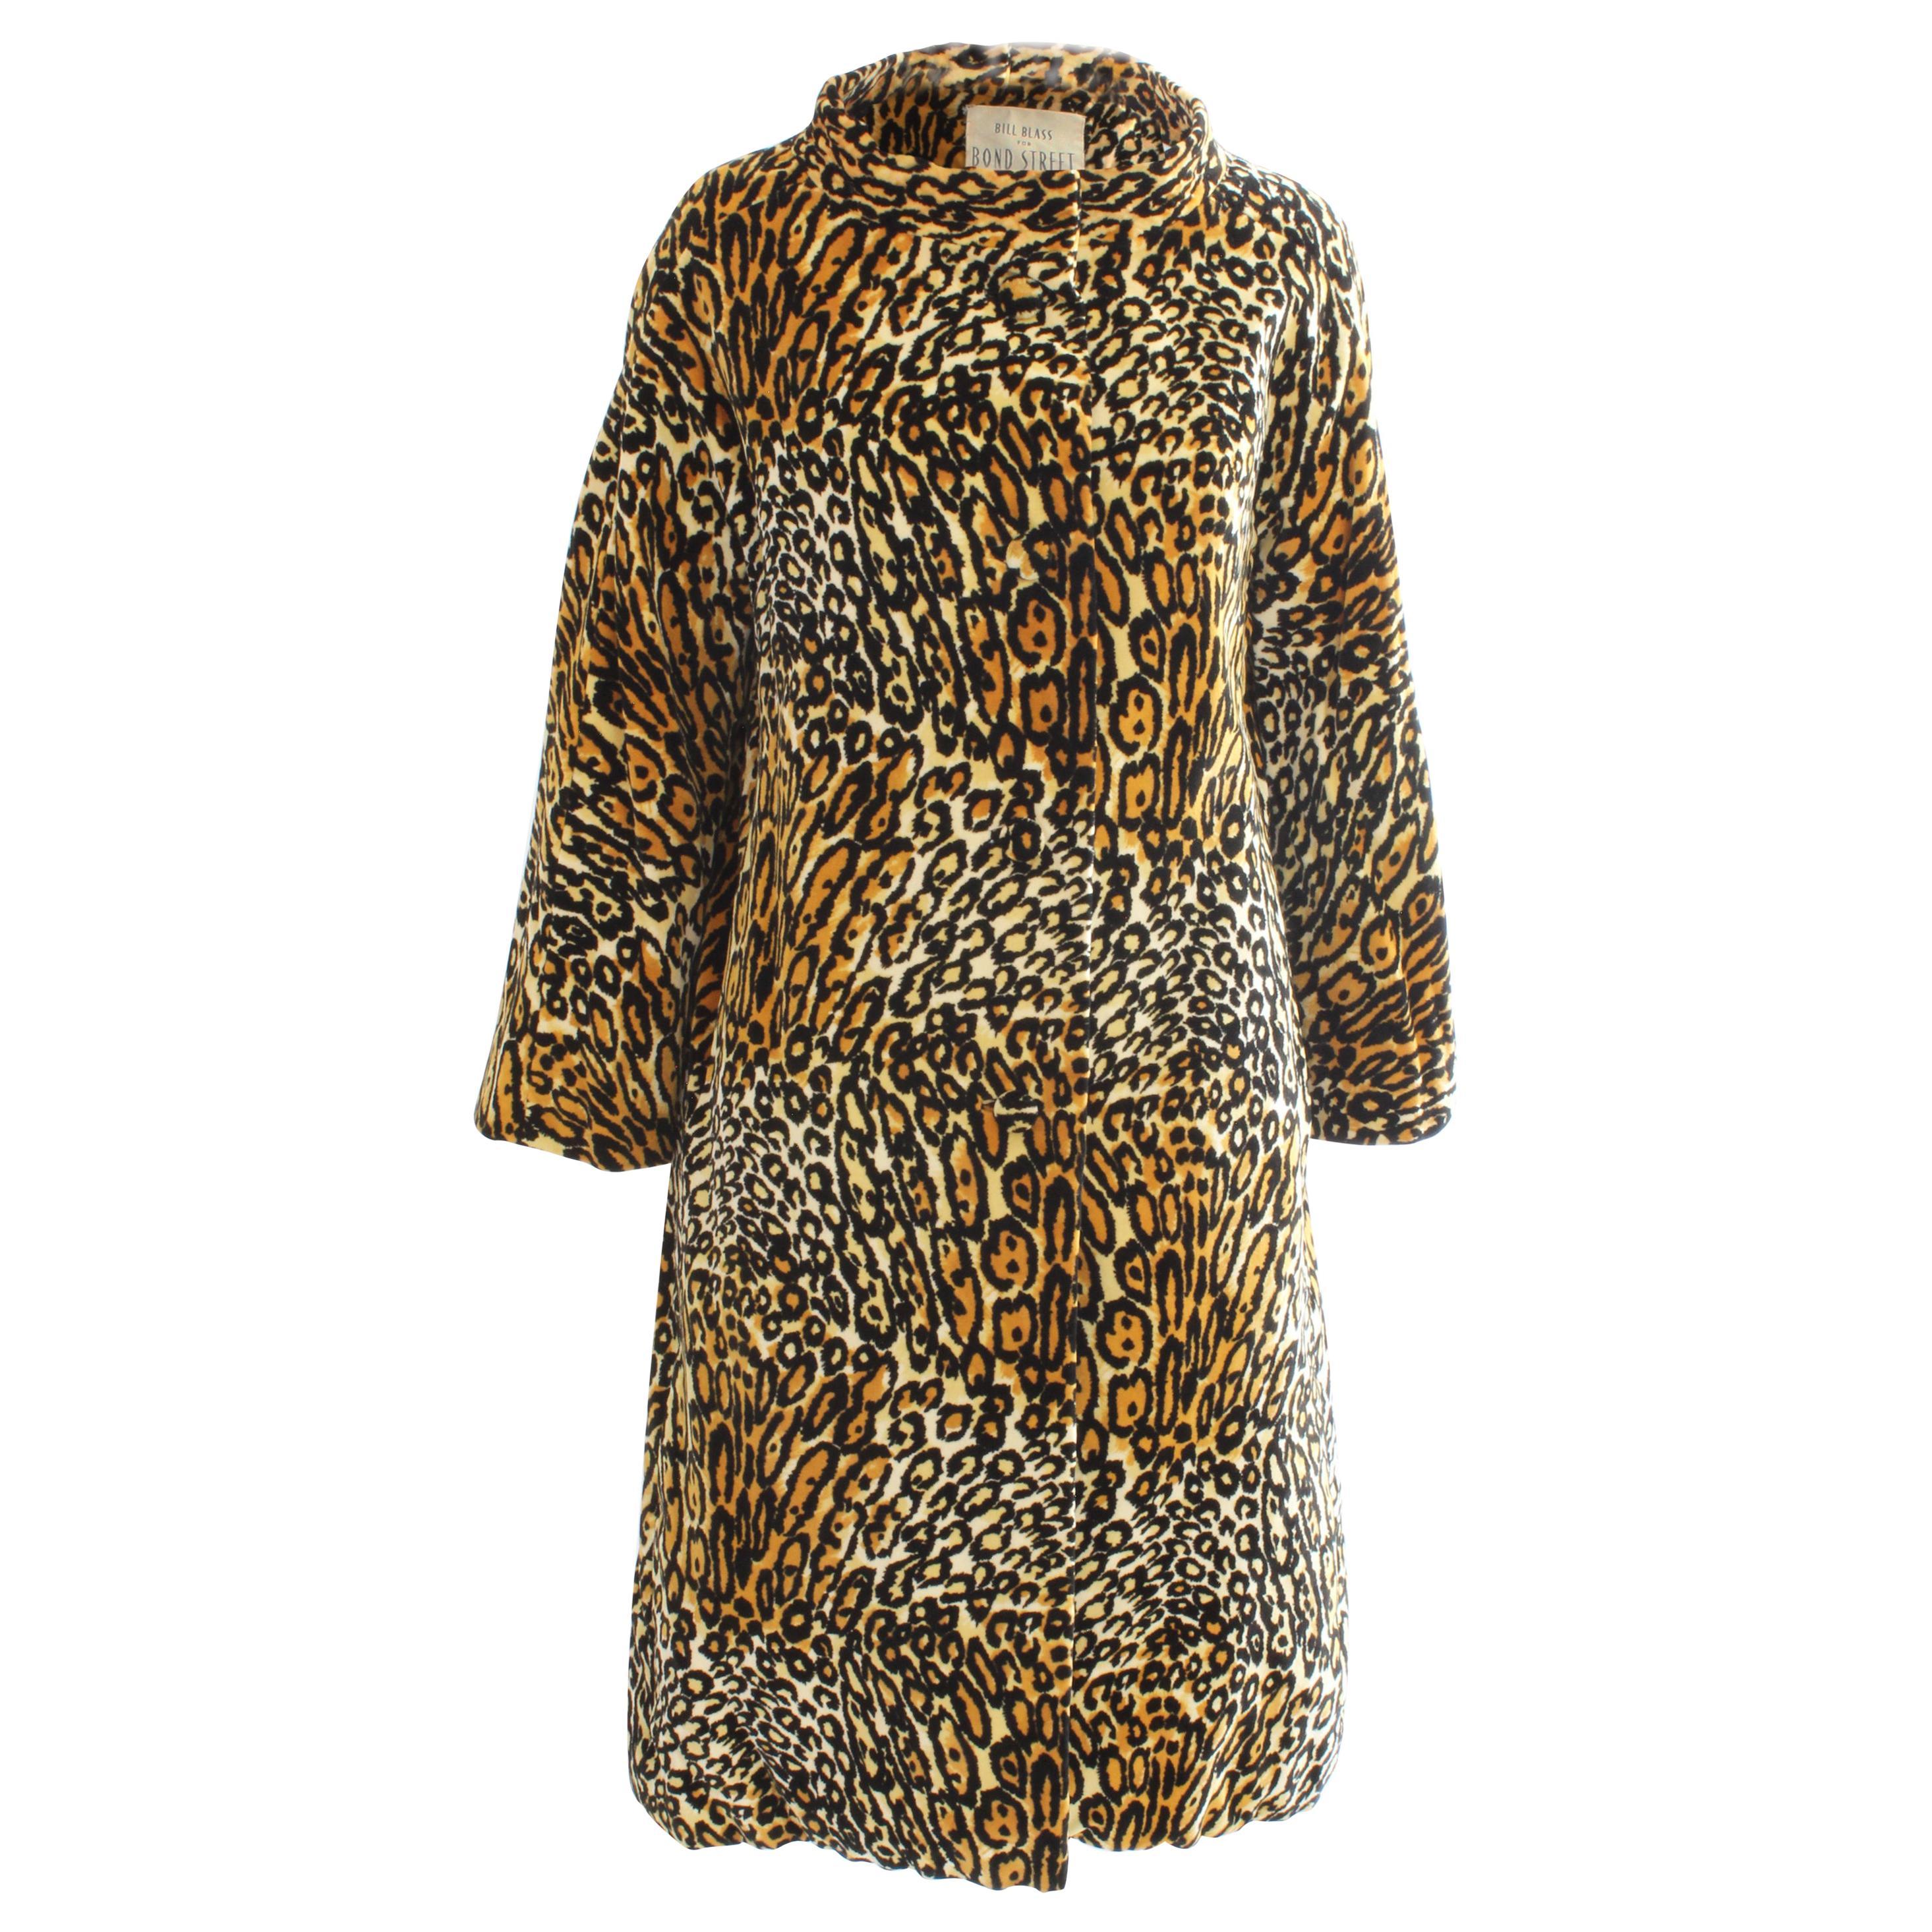 Bill Blass for Bond Street Velvet Leopard Print Coat 1970s Sz M